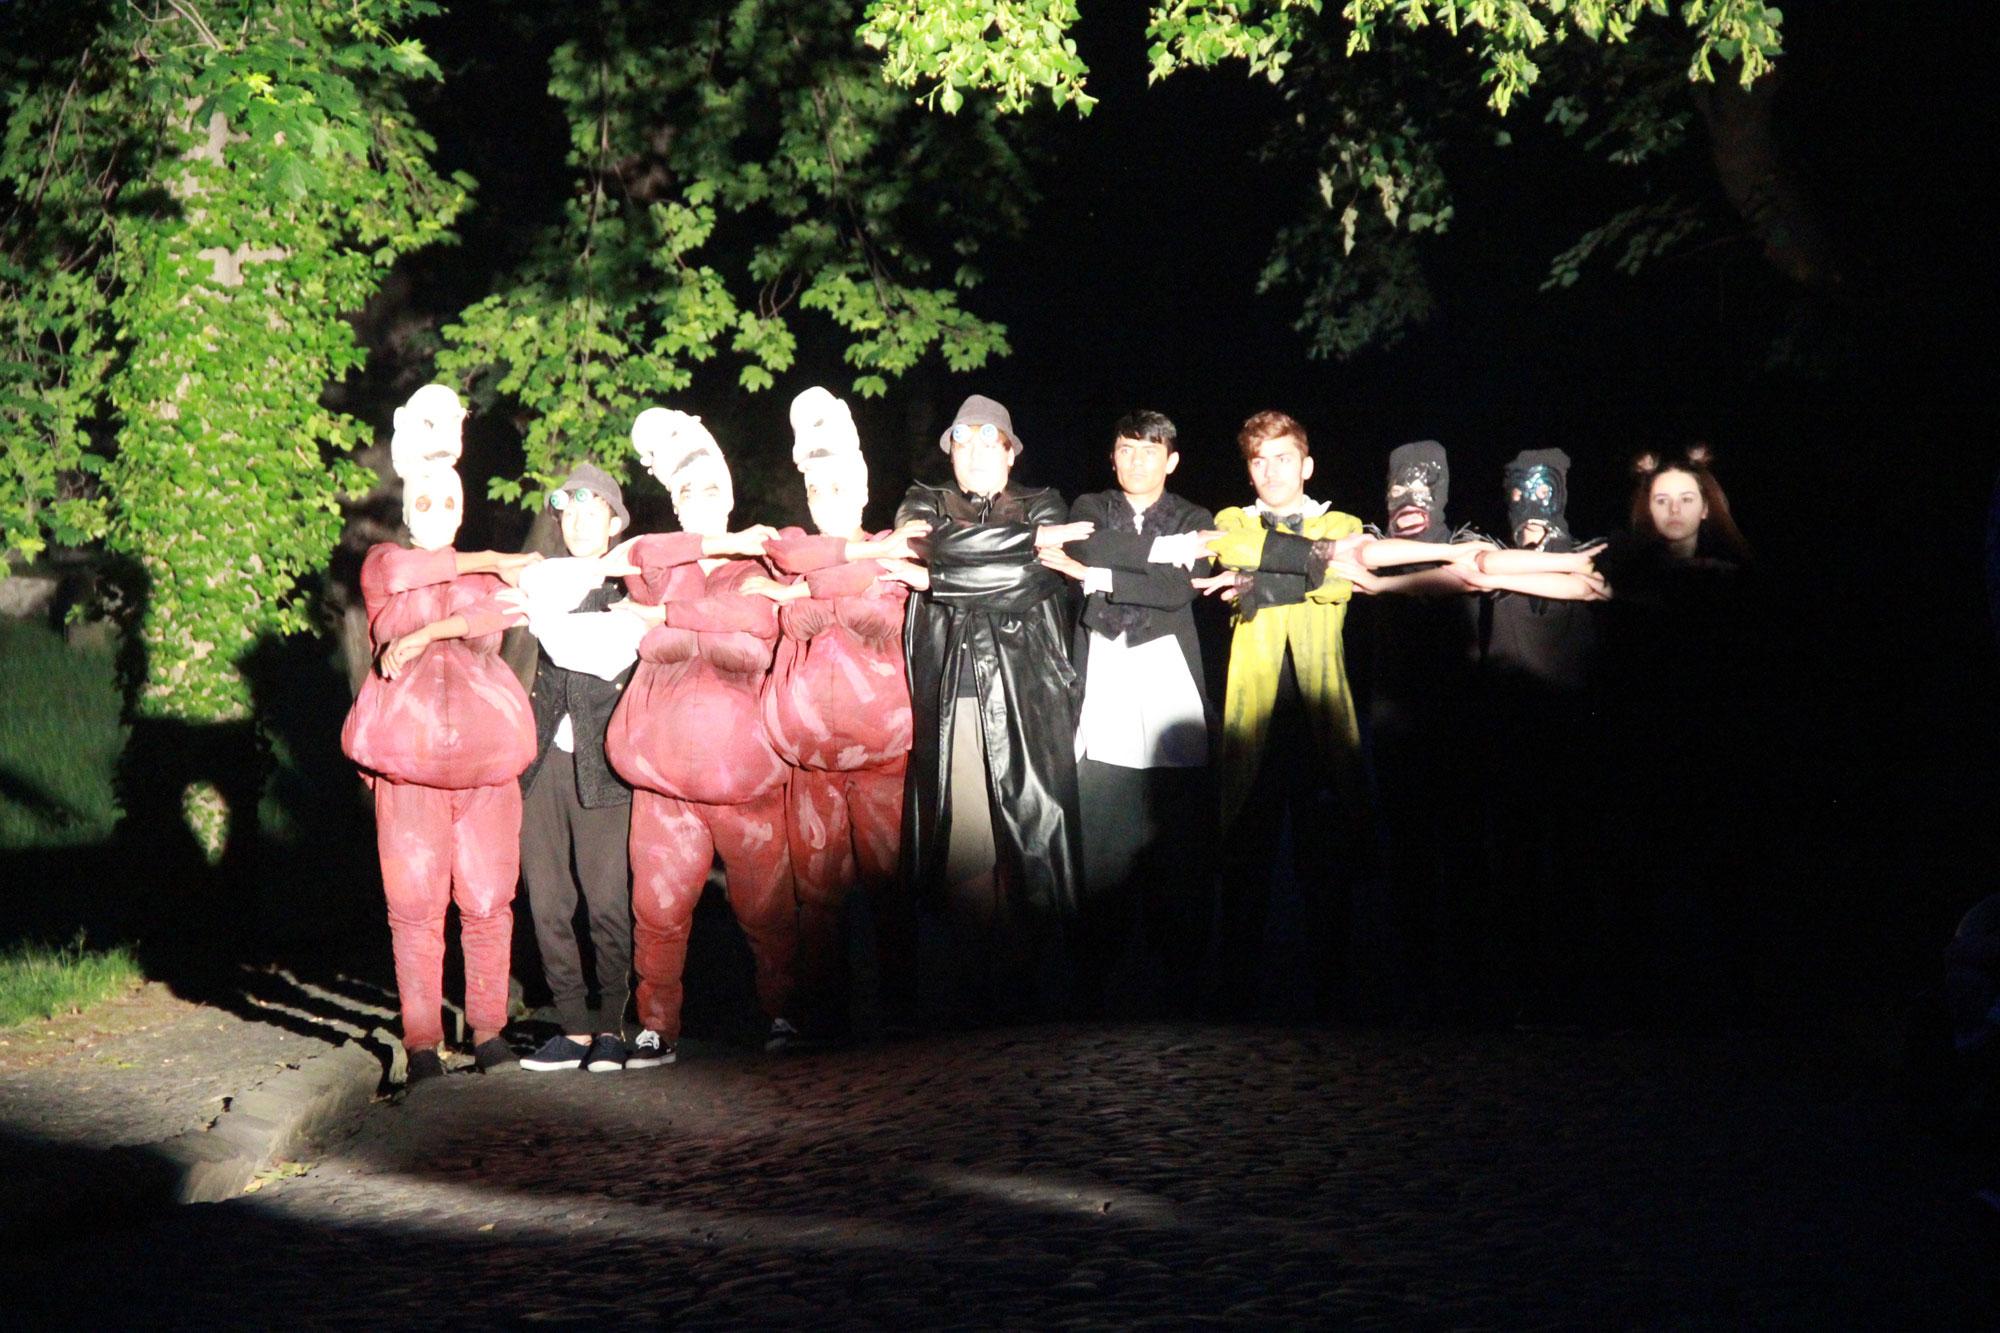 VIATHEA 2016, POWER OF DIVERSITY, Aktionstheater PAN.OPTIKUM, Luka Fritsch, Sigrun Fritsch, Anna Hoffmann, Christiane Hoffmann, Nicolaikirche, Goerlitz